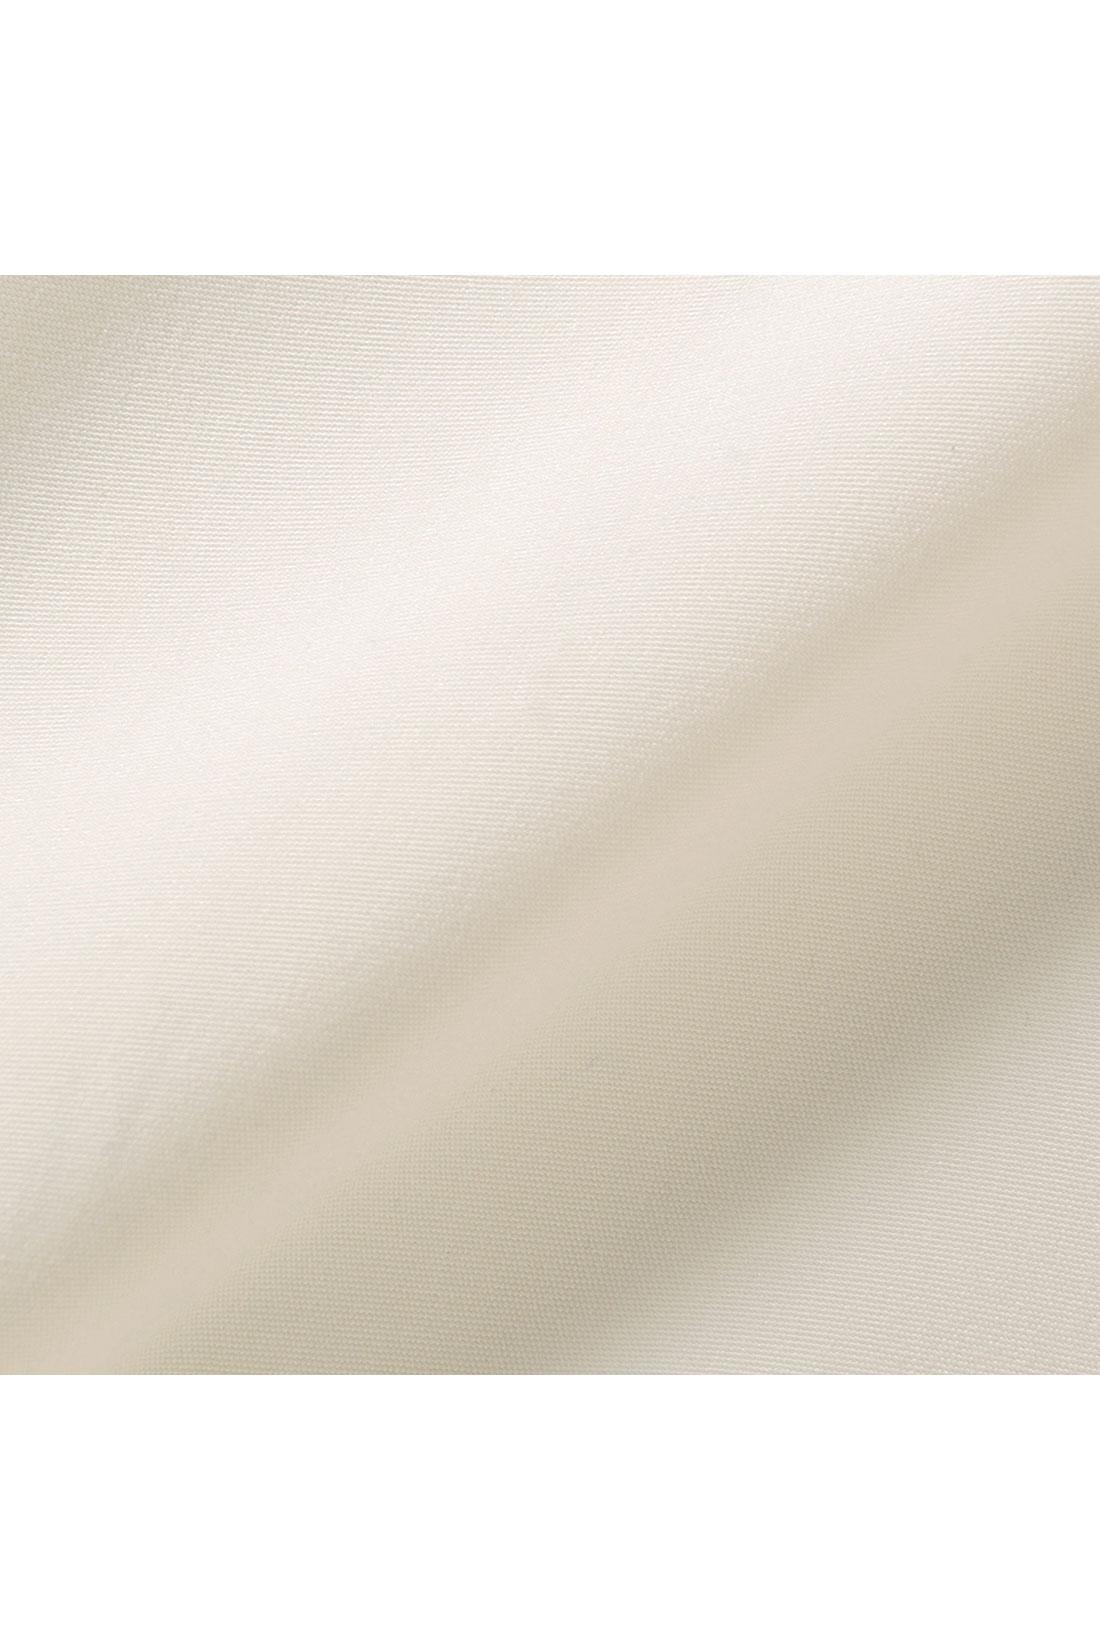 ブラウスは落ち感のある柔らか素材。